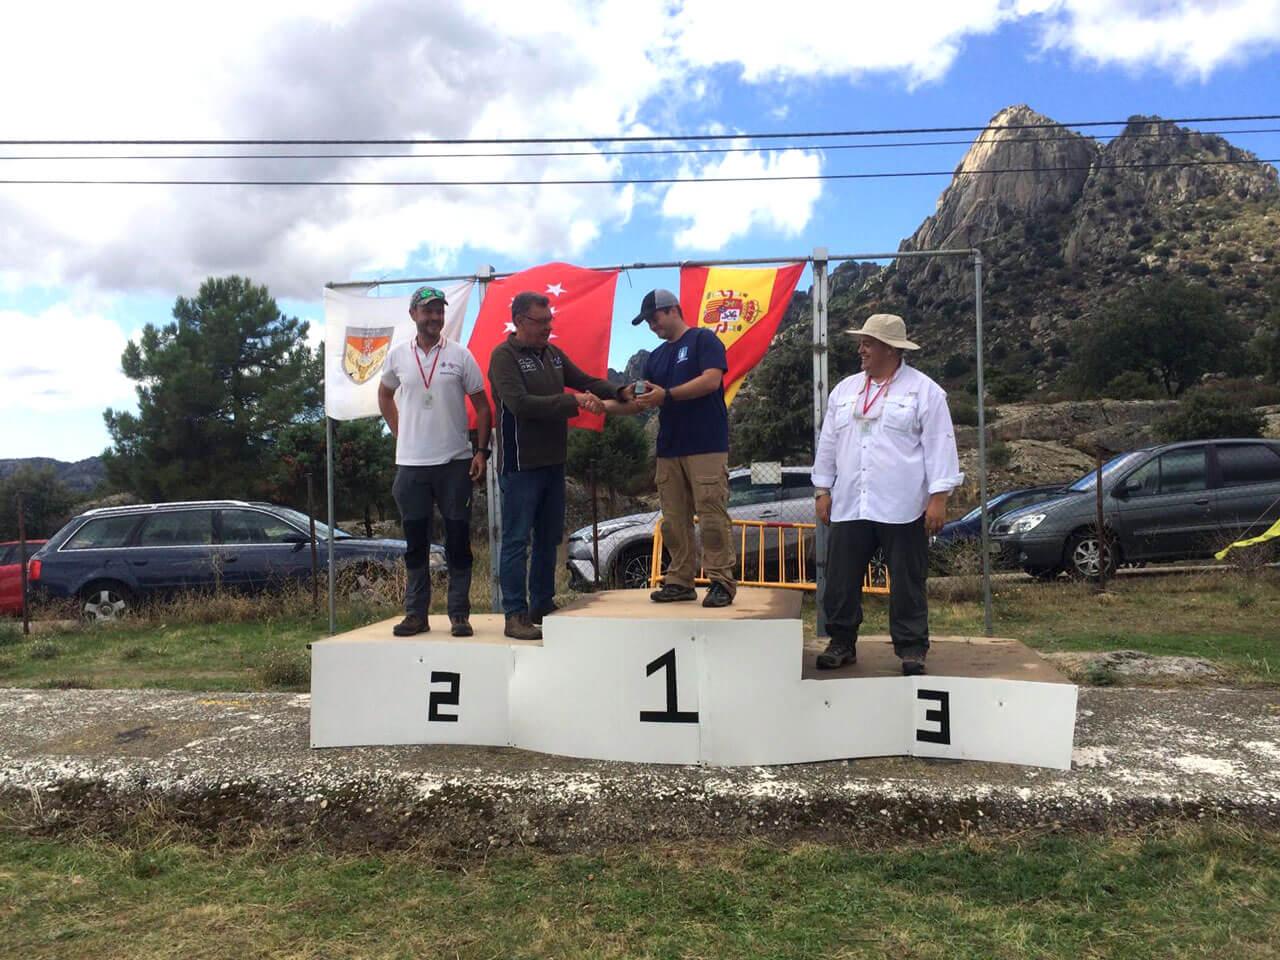 Campeonato Autonomico Field Target 2019 - Categoría PCP